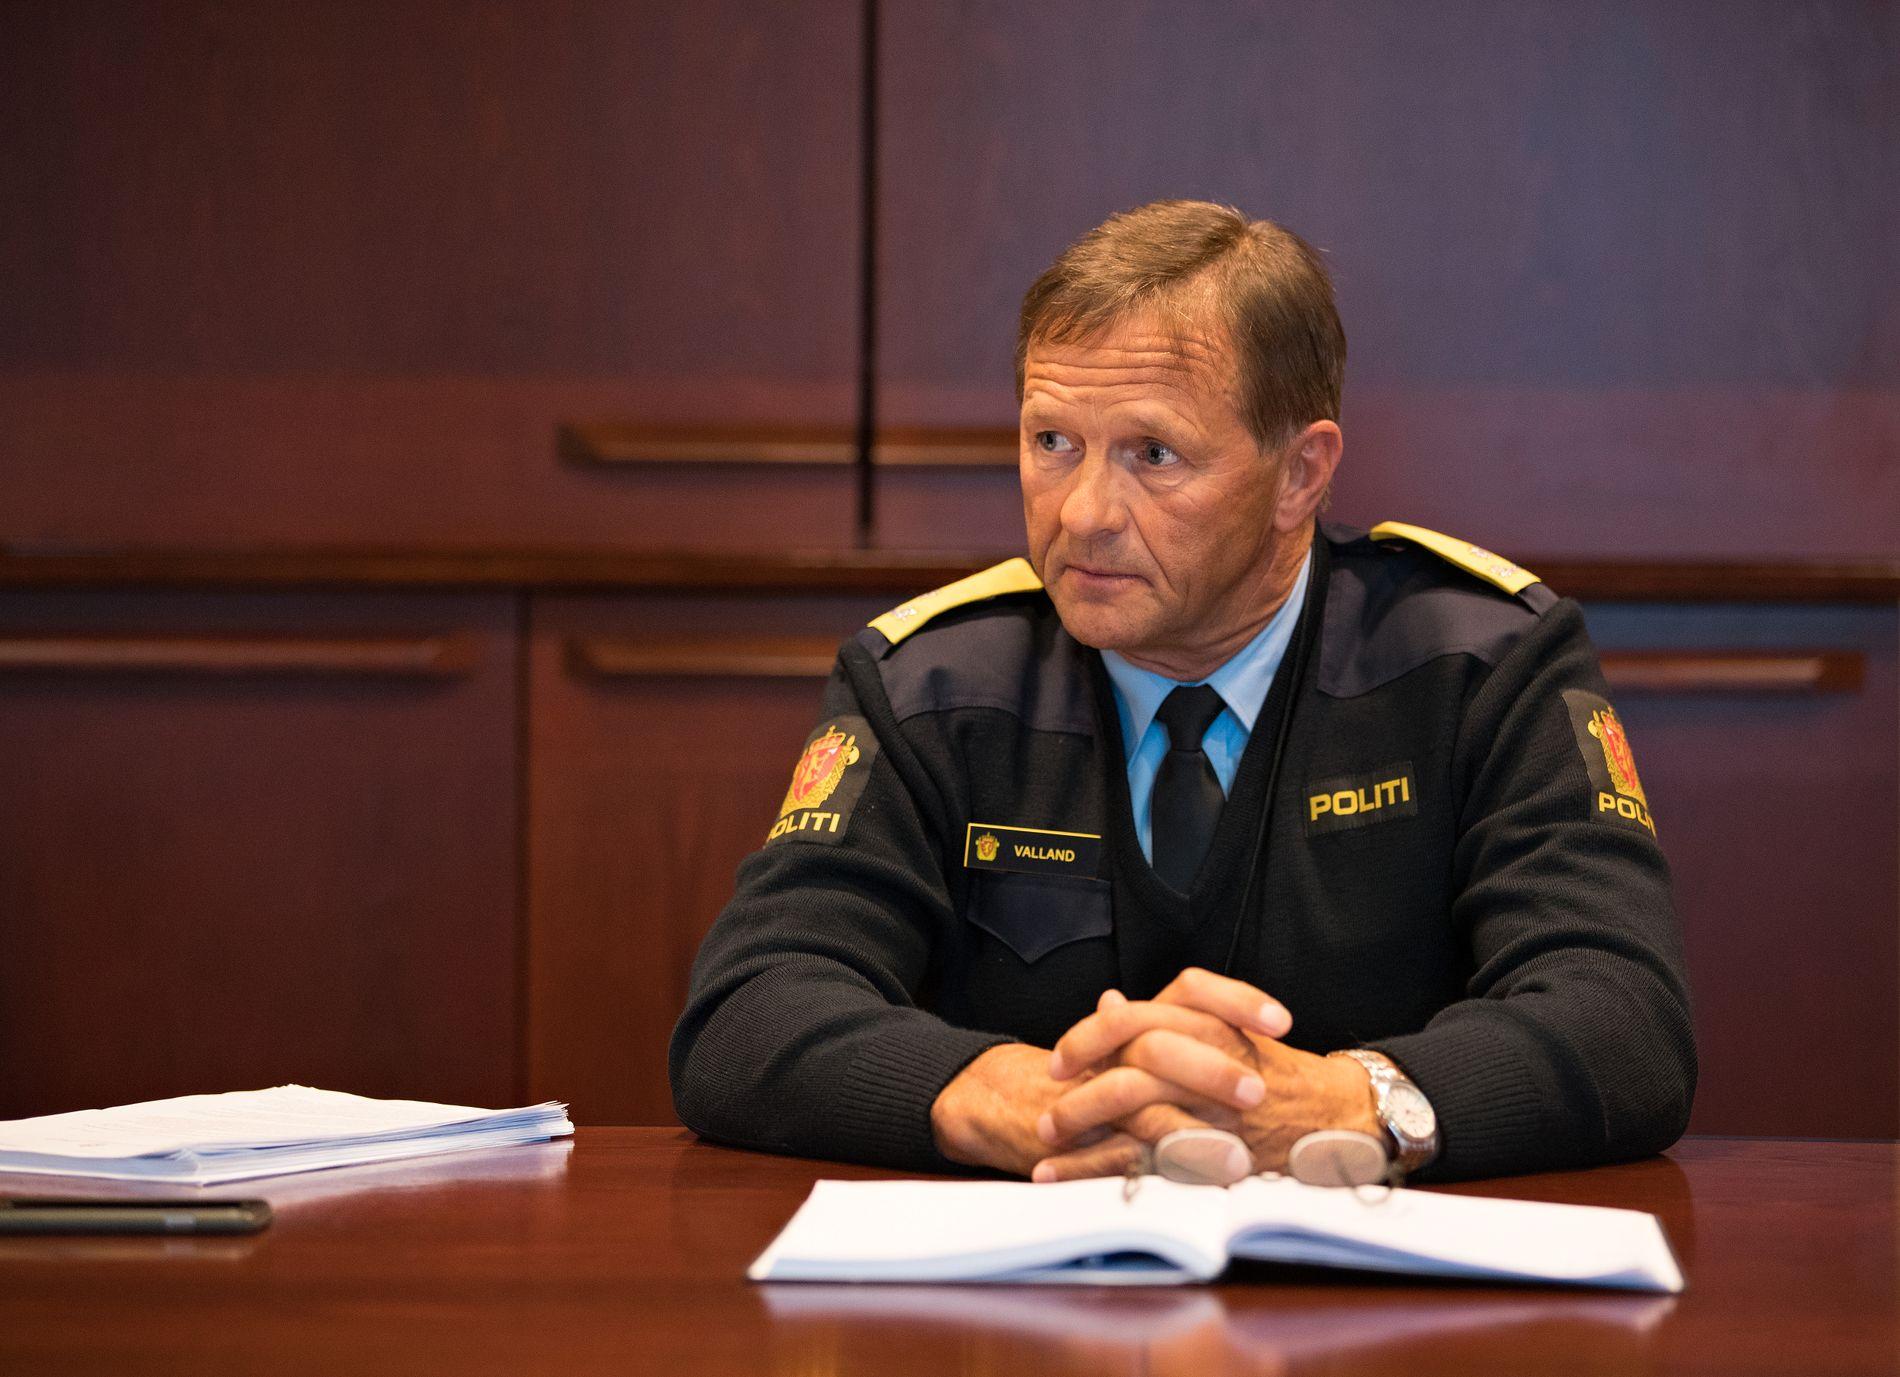 SVARER: Politiinspektør Olav Valland i Vest politidistrikt mener to personer som forsøkte å få gjenopptatt en overgrepssak gikk over grensen da de kritiserte politioverbetjenten som ledet etterforskningen.